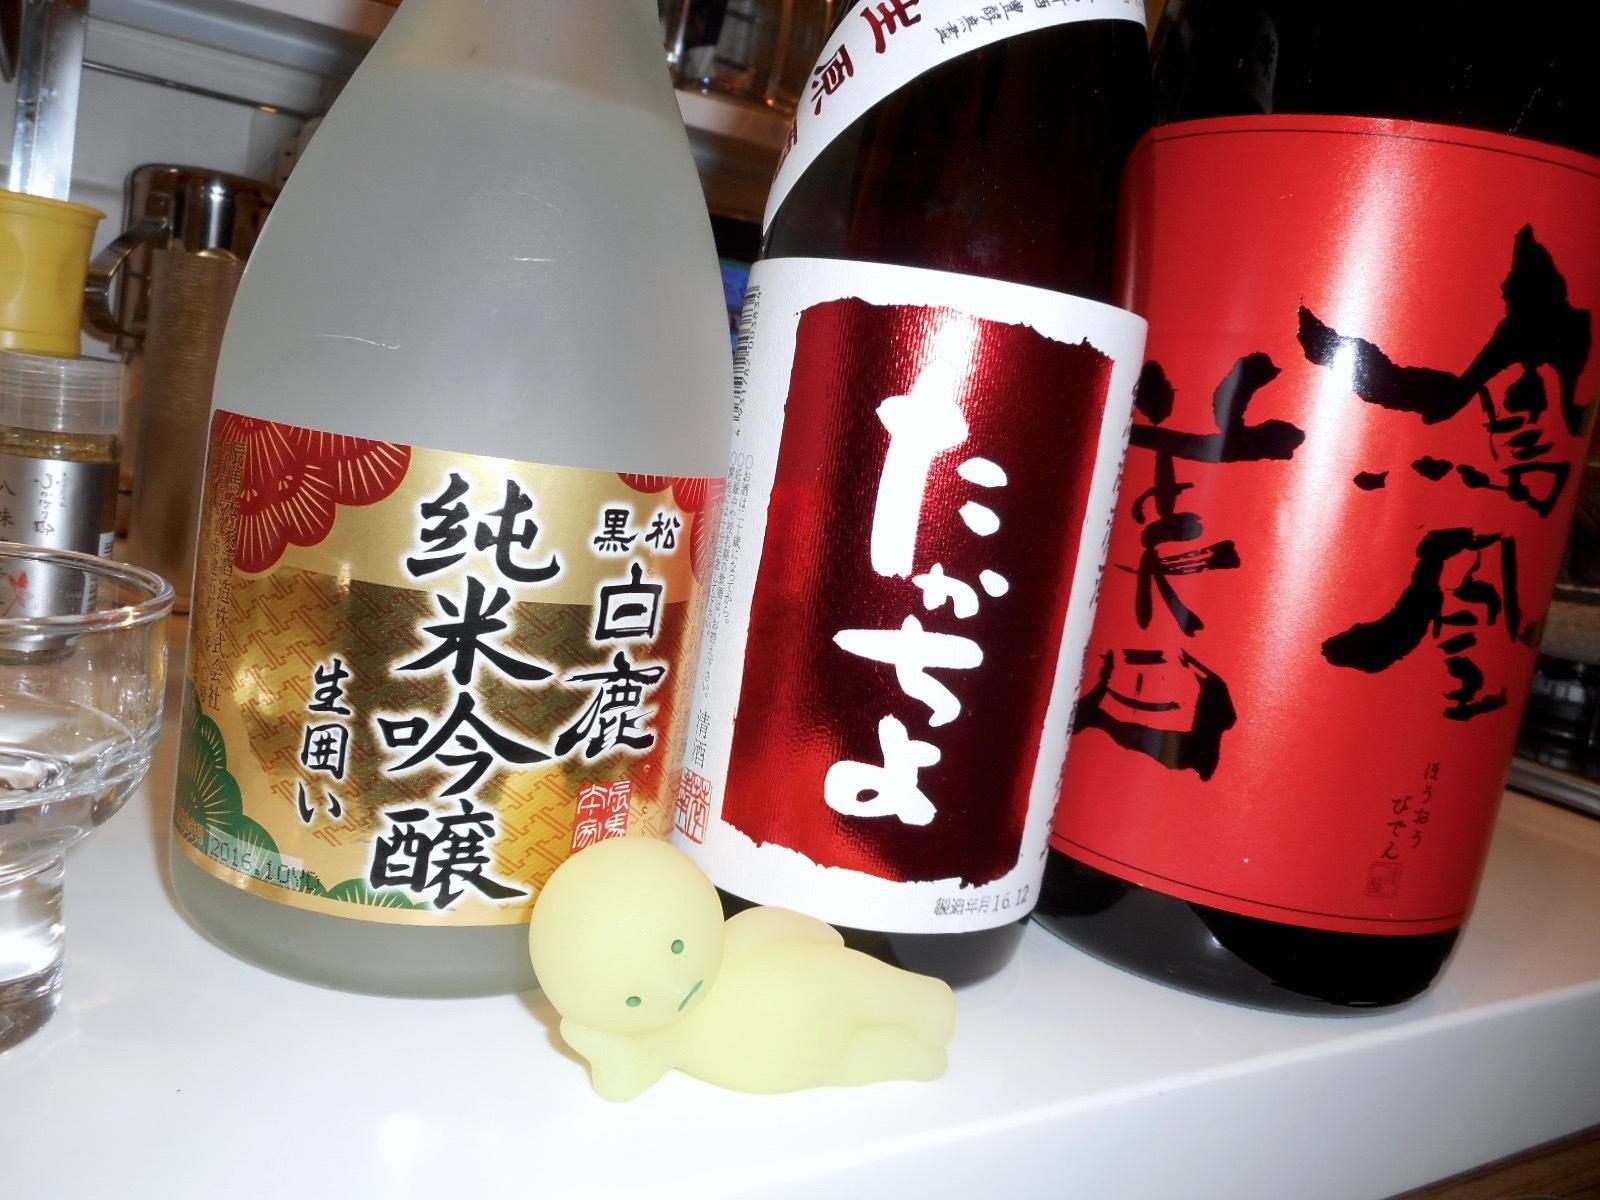 hakushika_hatsuharudayori_jungin27by5.jpg